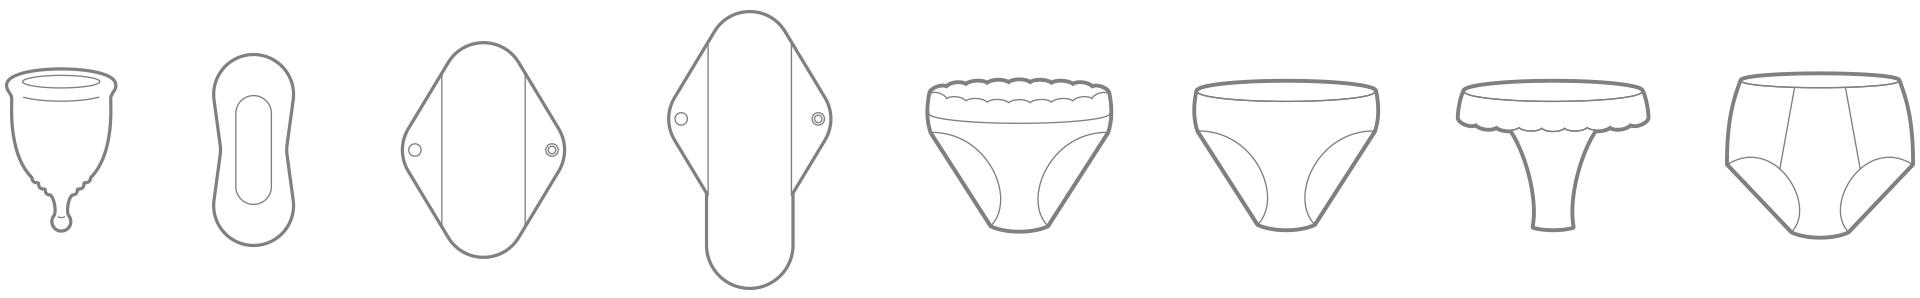 Ilustraciones de los productos de Yobludi